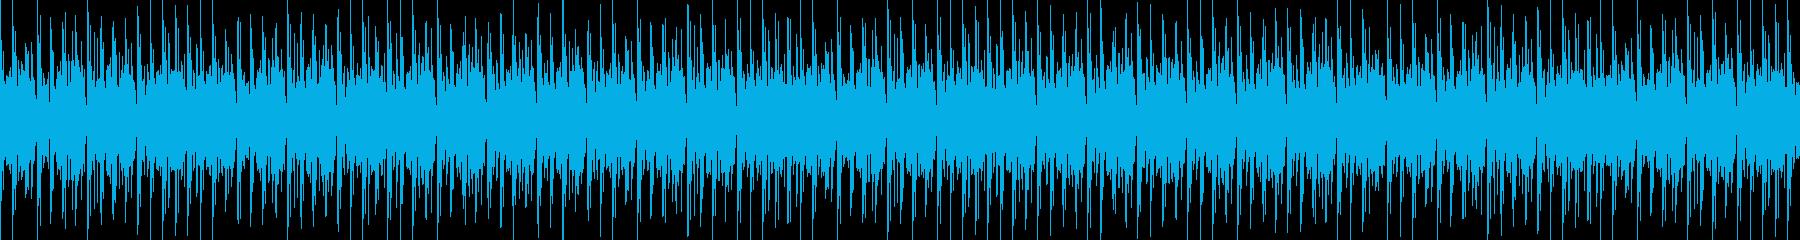 フワフワ ピコピコ お菓子のようなBGMの再生済みの波形